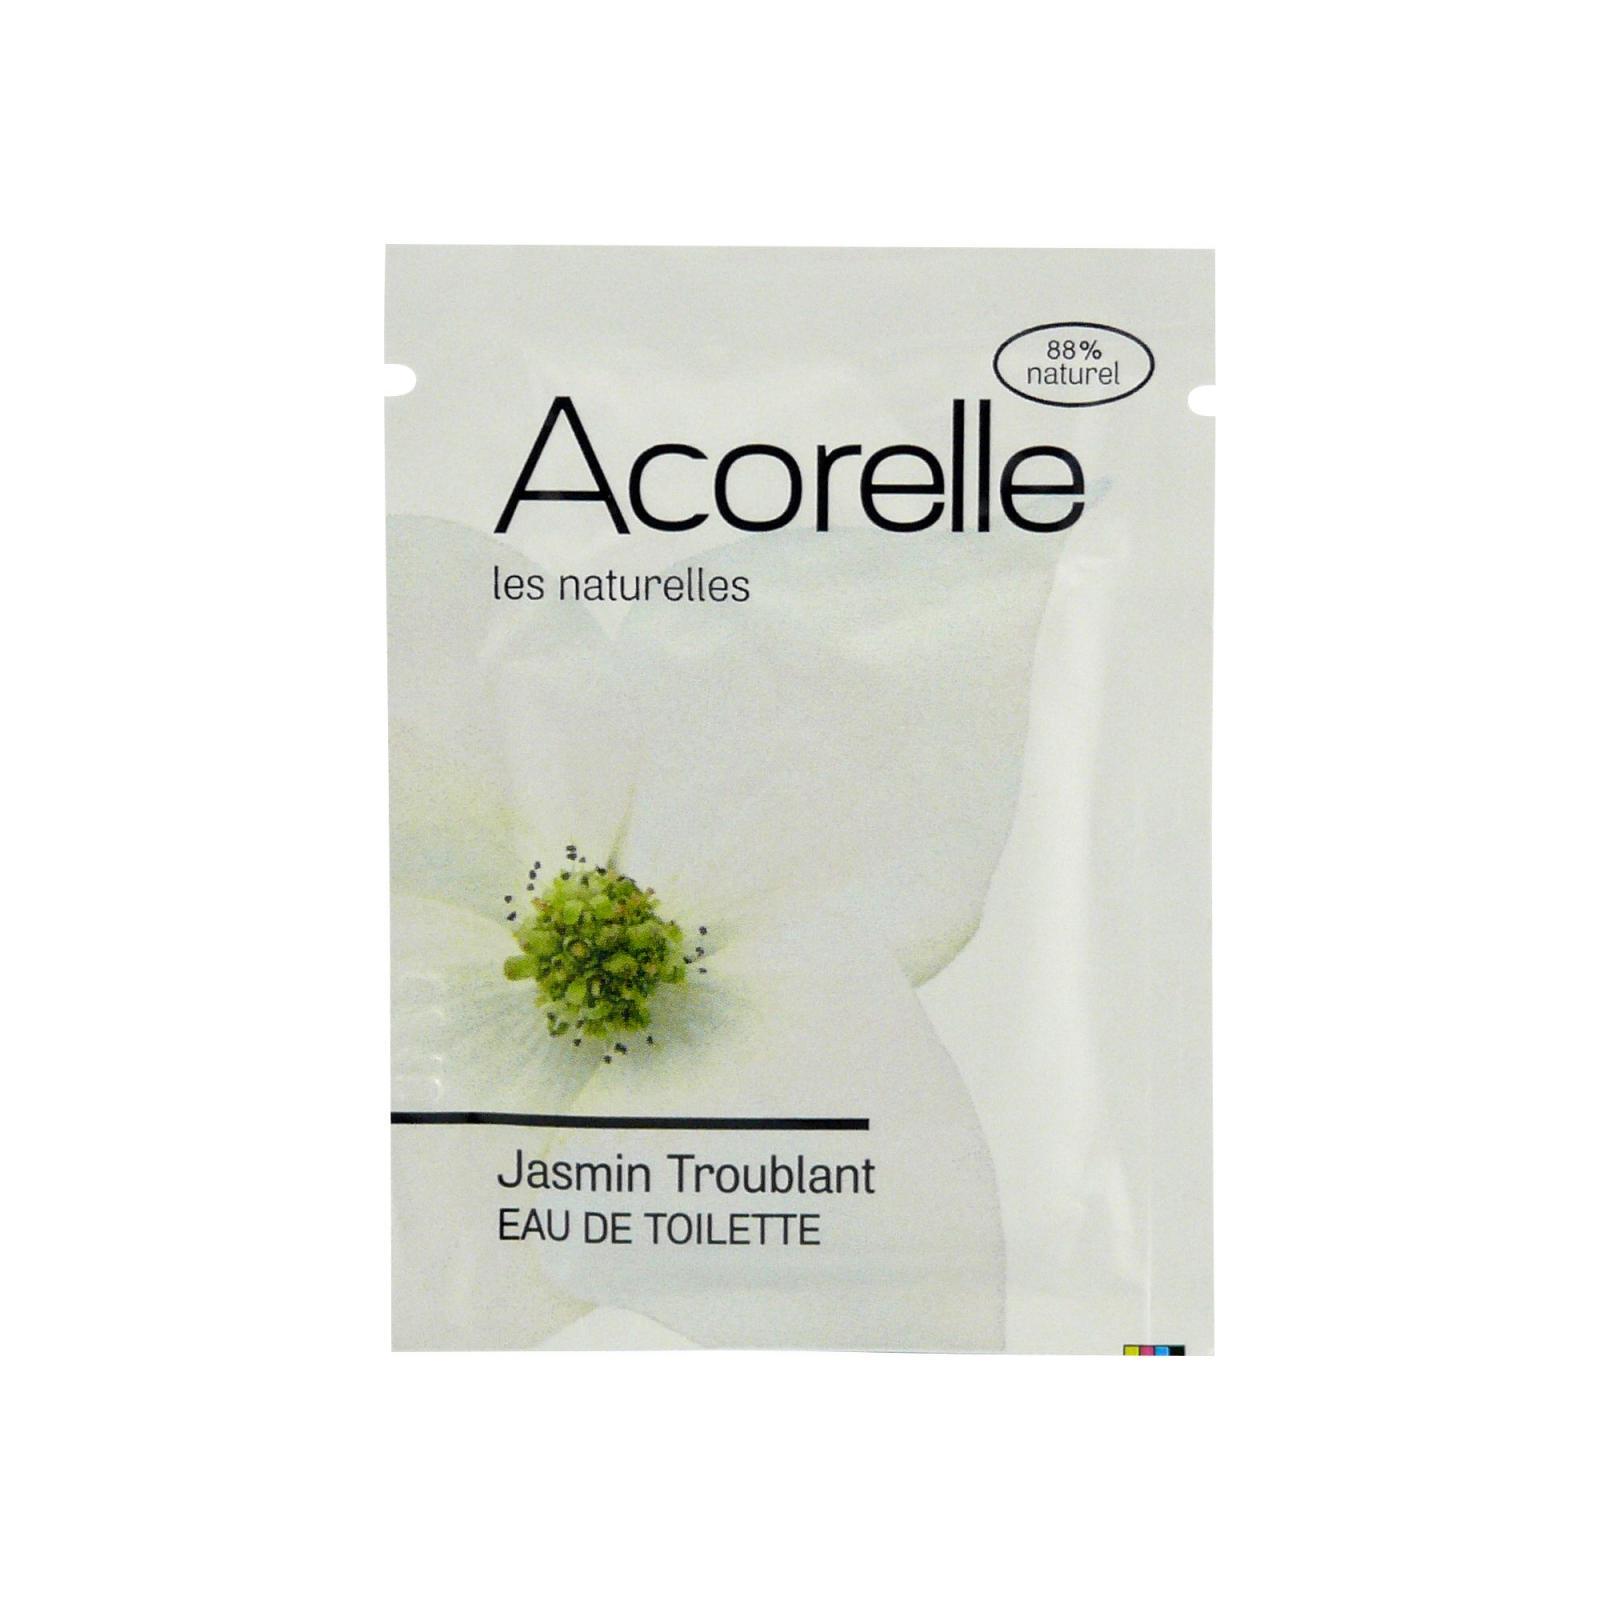 Acorelle Toaletní voda Jasmín 3 ml, vonný kapesník